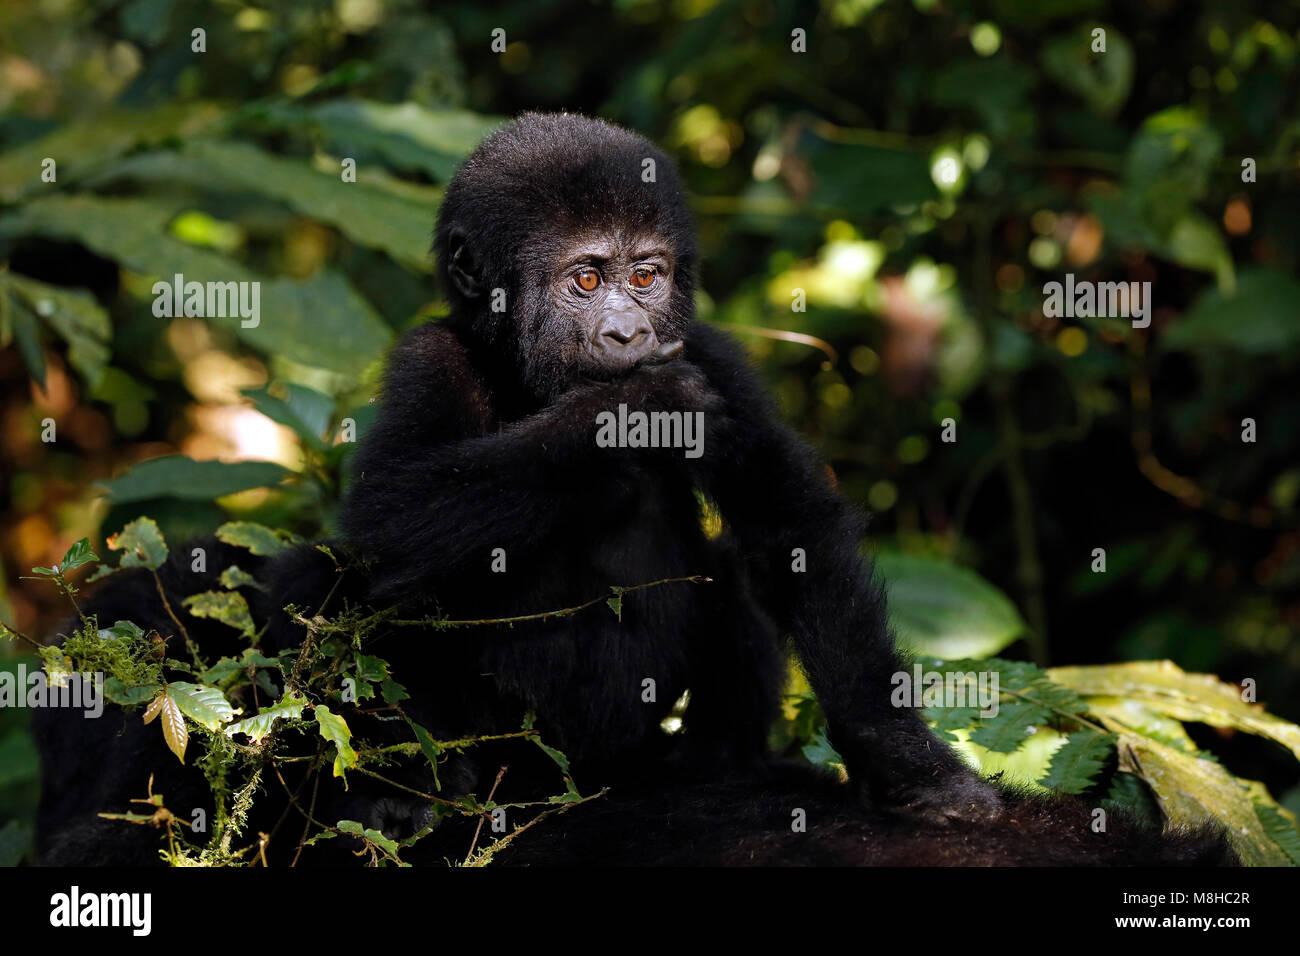 Baby Gorilla (Gorilla beringei beringei) Riding Mothers Back. Bwindi Impenetrable National Park, Uganda - Stock Image